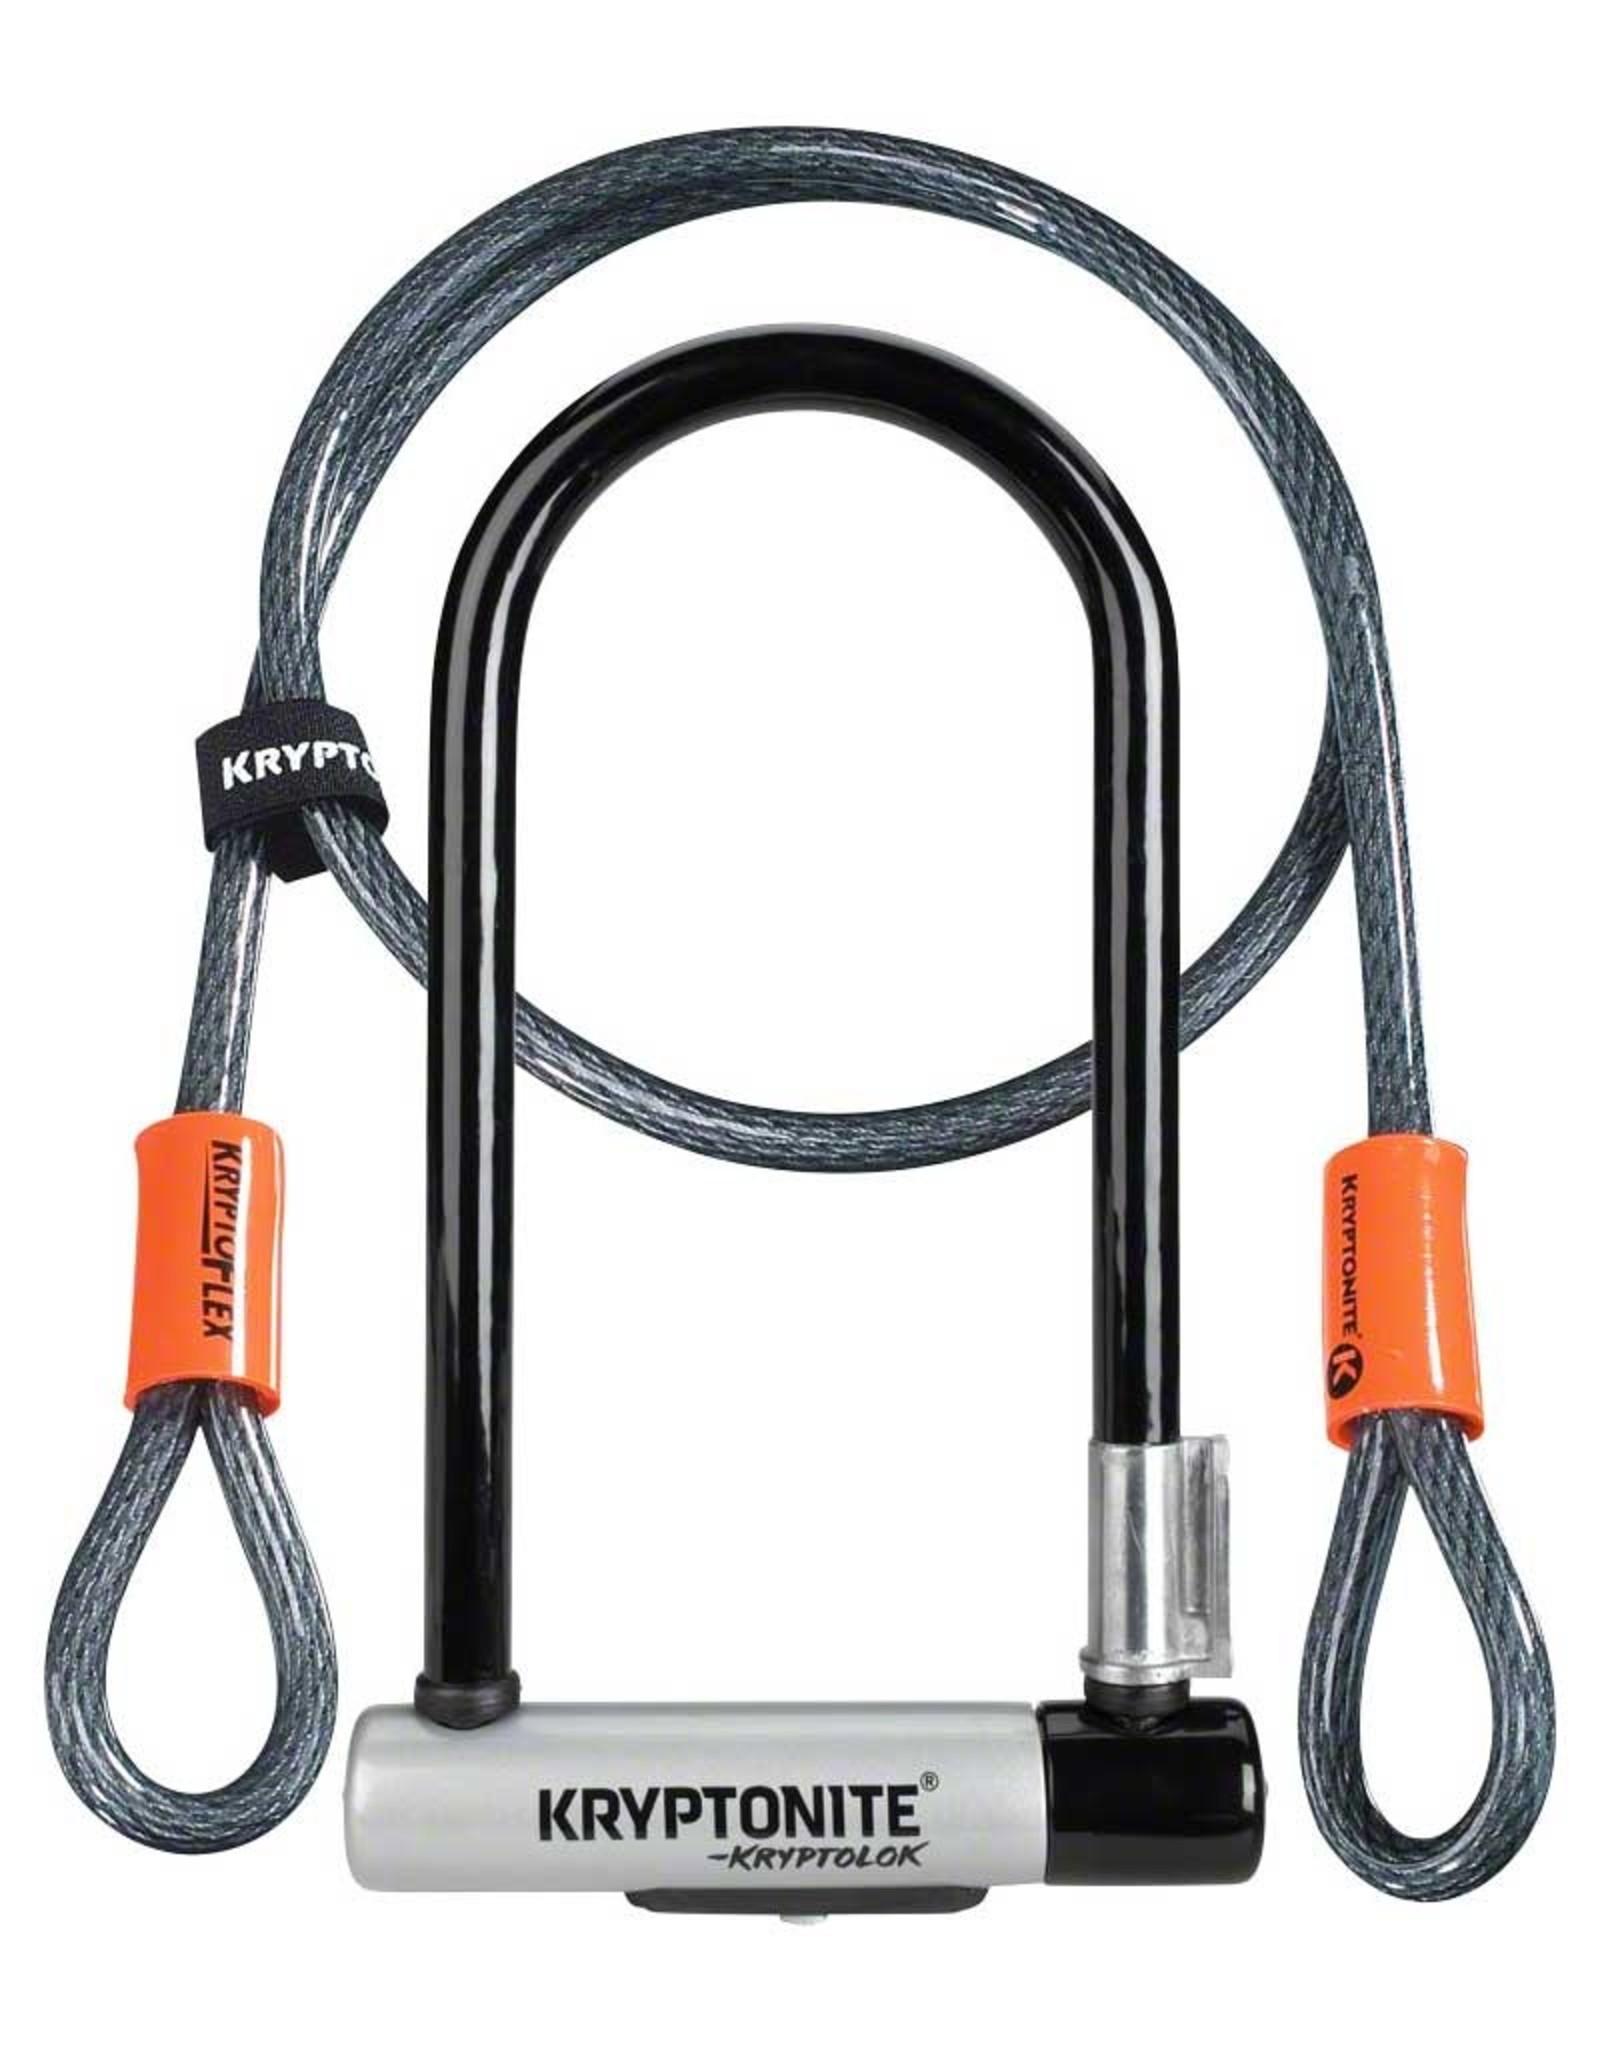 Kryptonite U-Lock Kryptonite Kryptolok STD w/ Cable